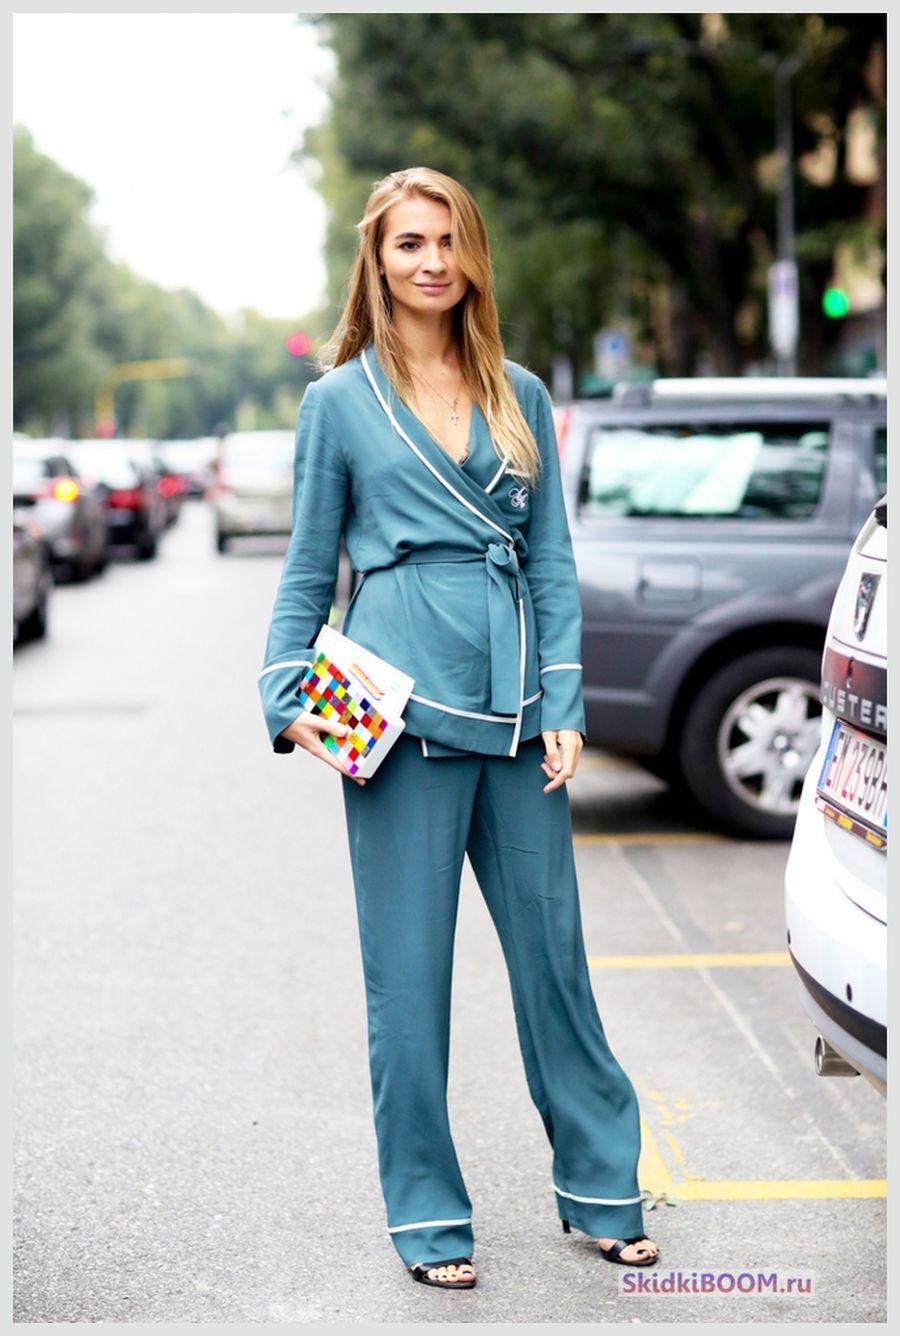 Какие женские брюки в моде - пижамный стиль